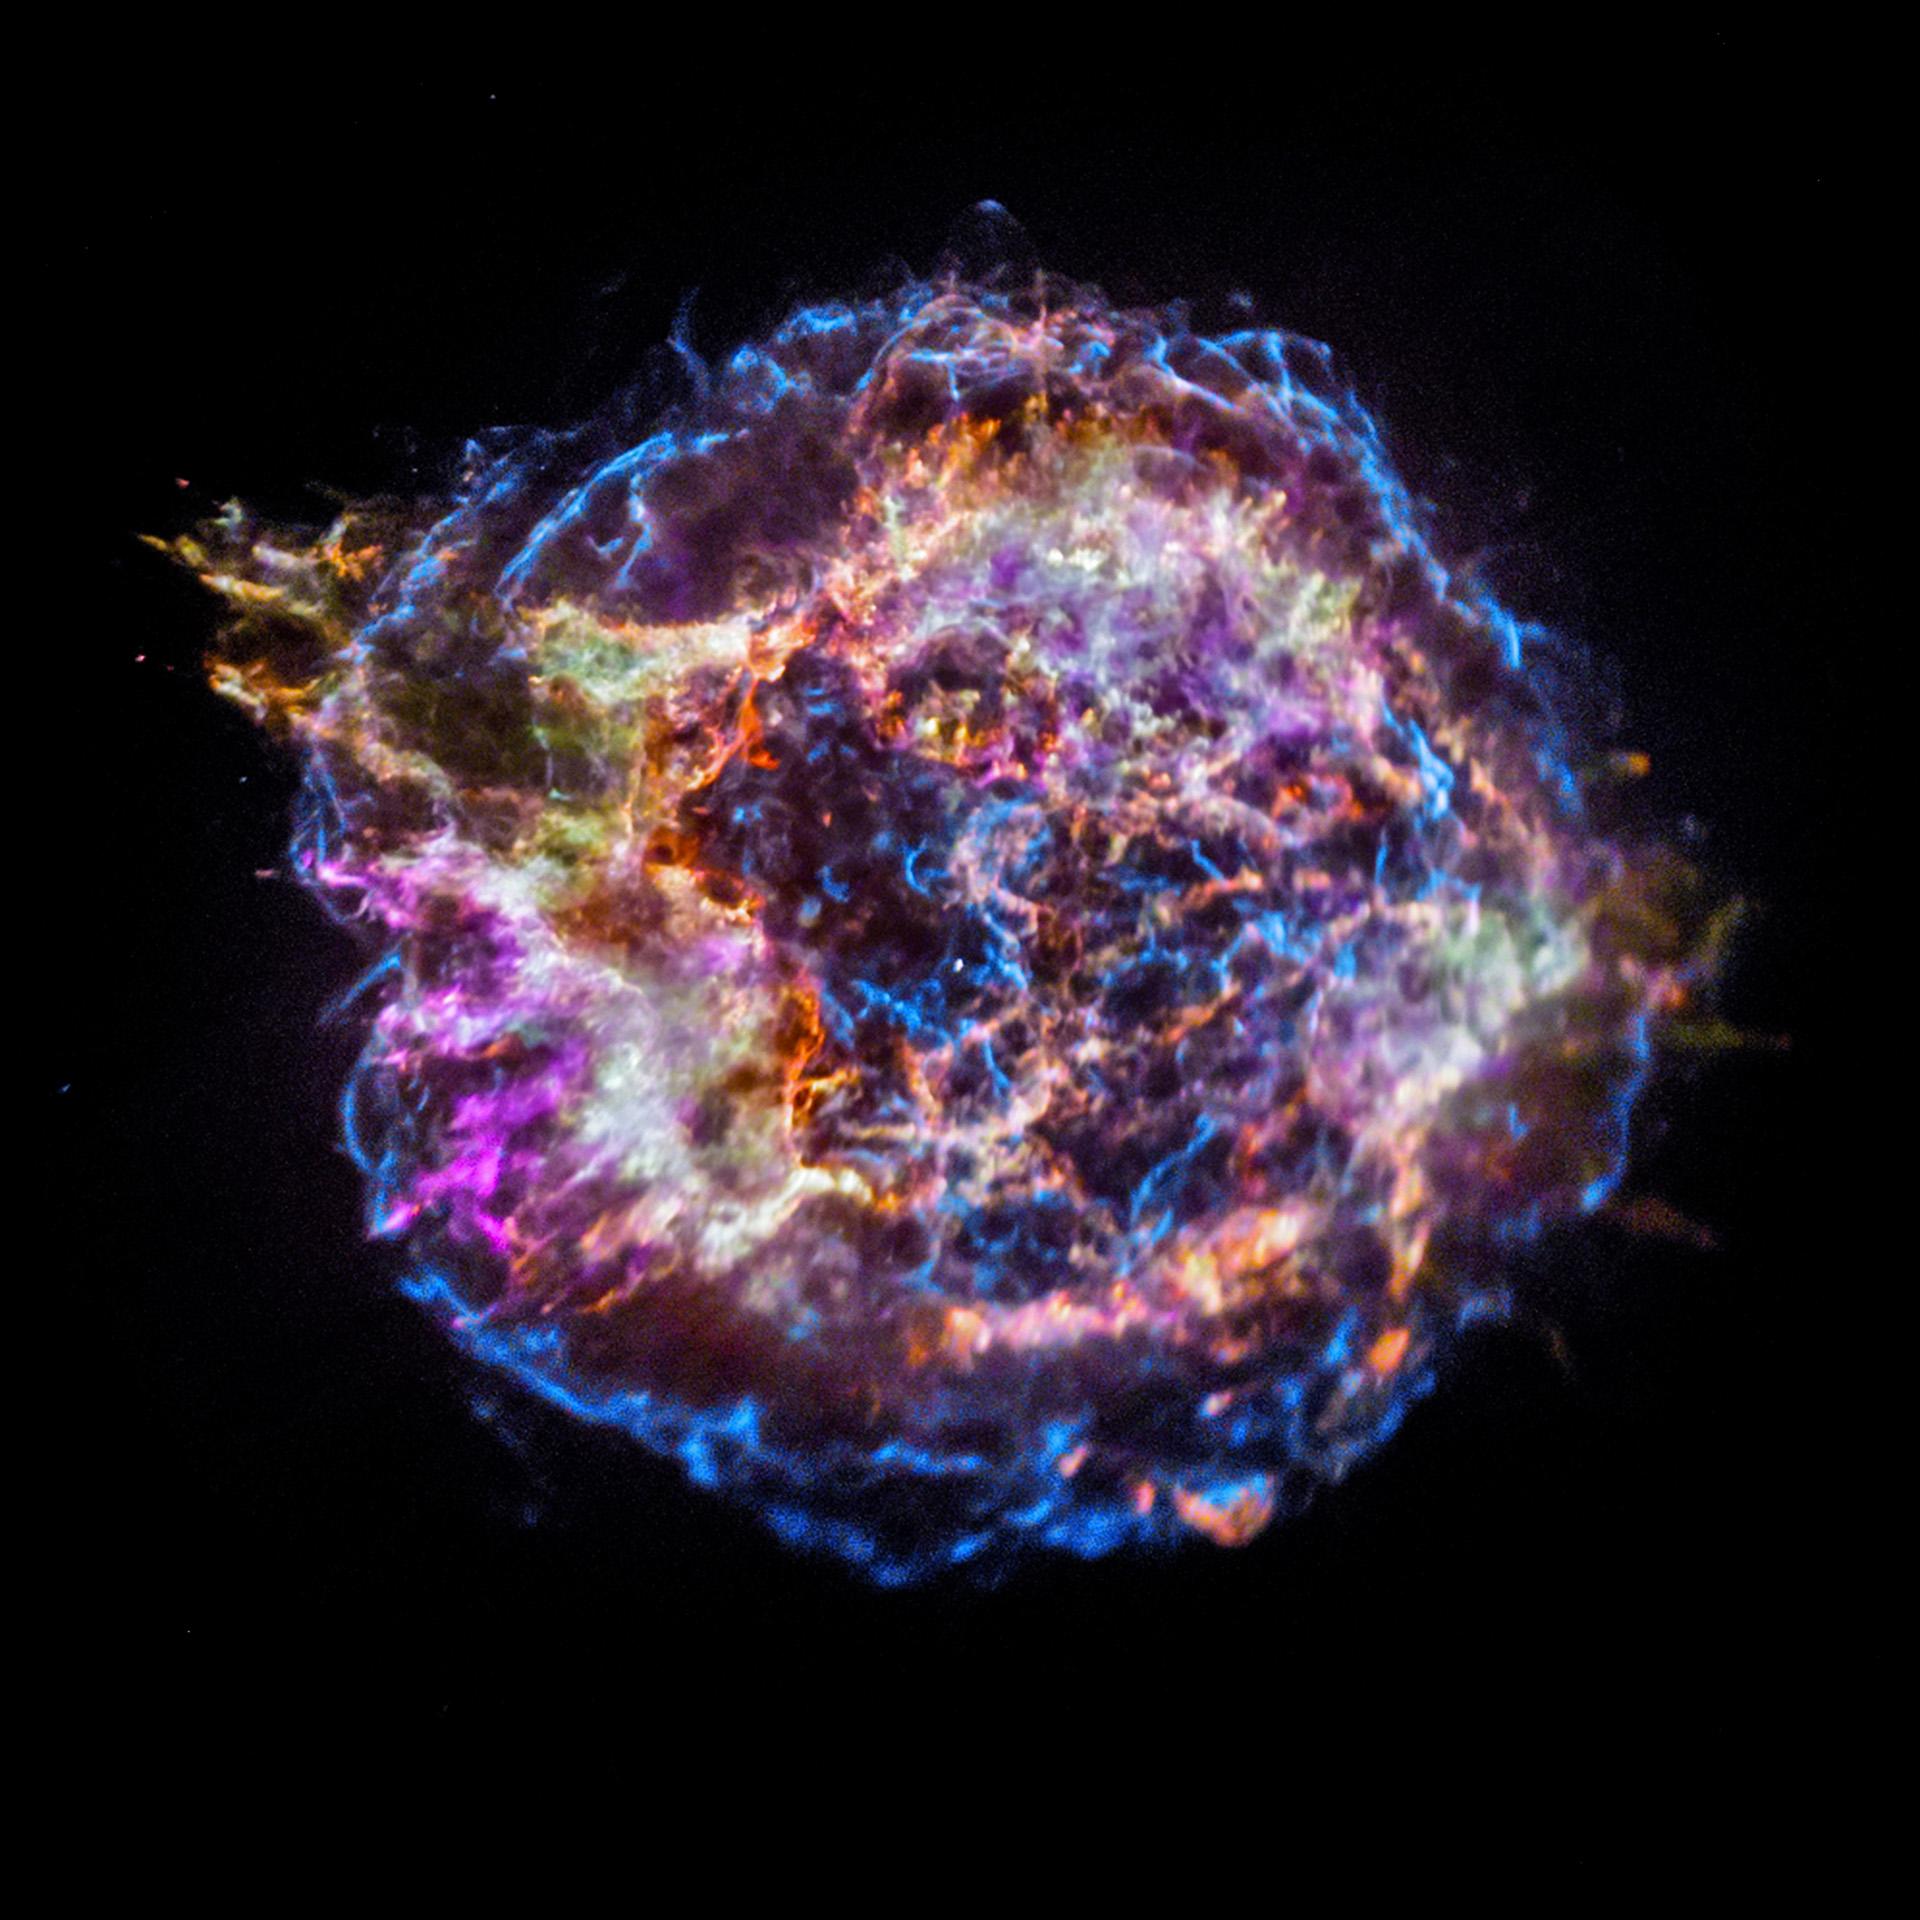 Портрет остатка сверхновой Кассиопея А полученный рентгеновской обсерваторией Chandra. Credit NASA  CXC  SAO